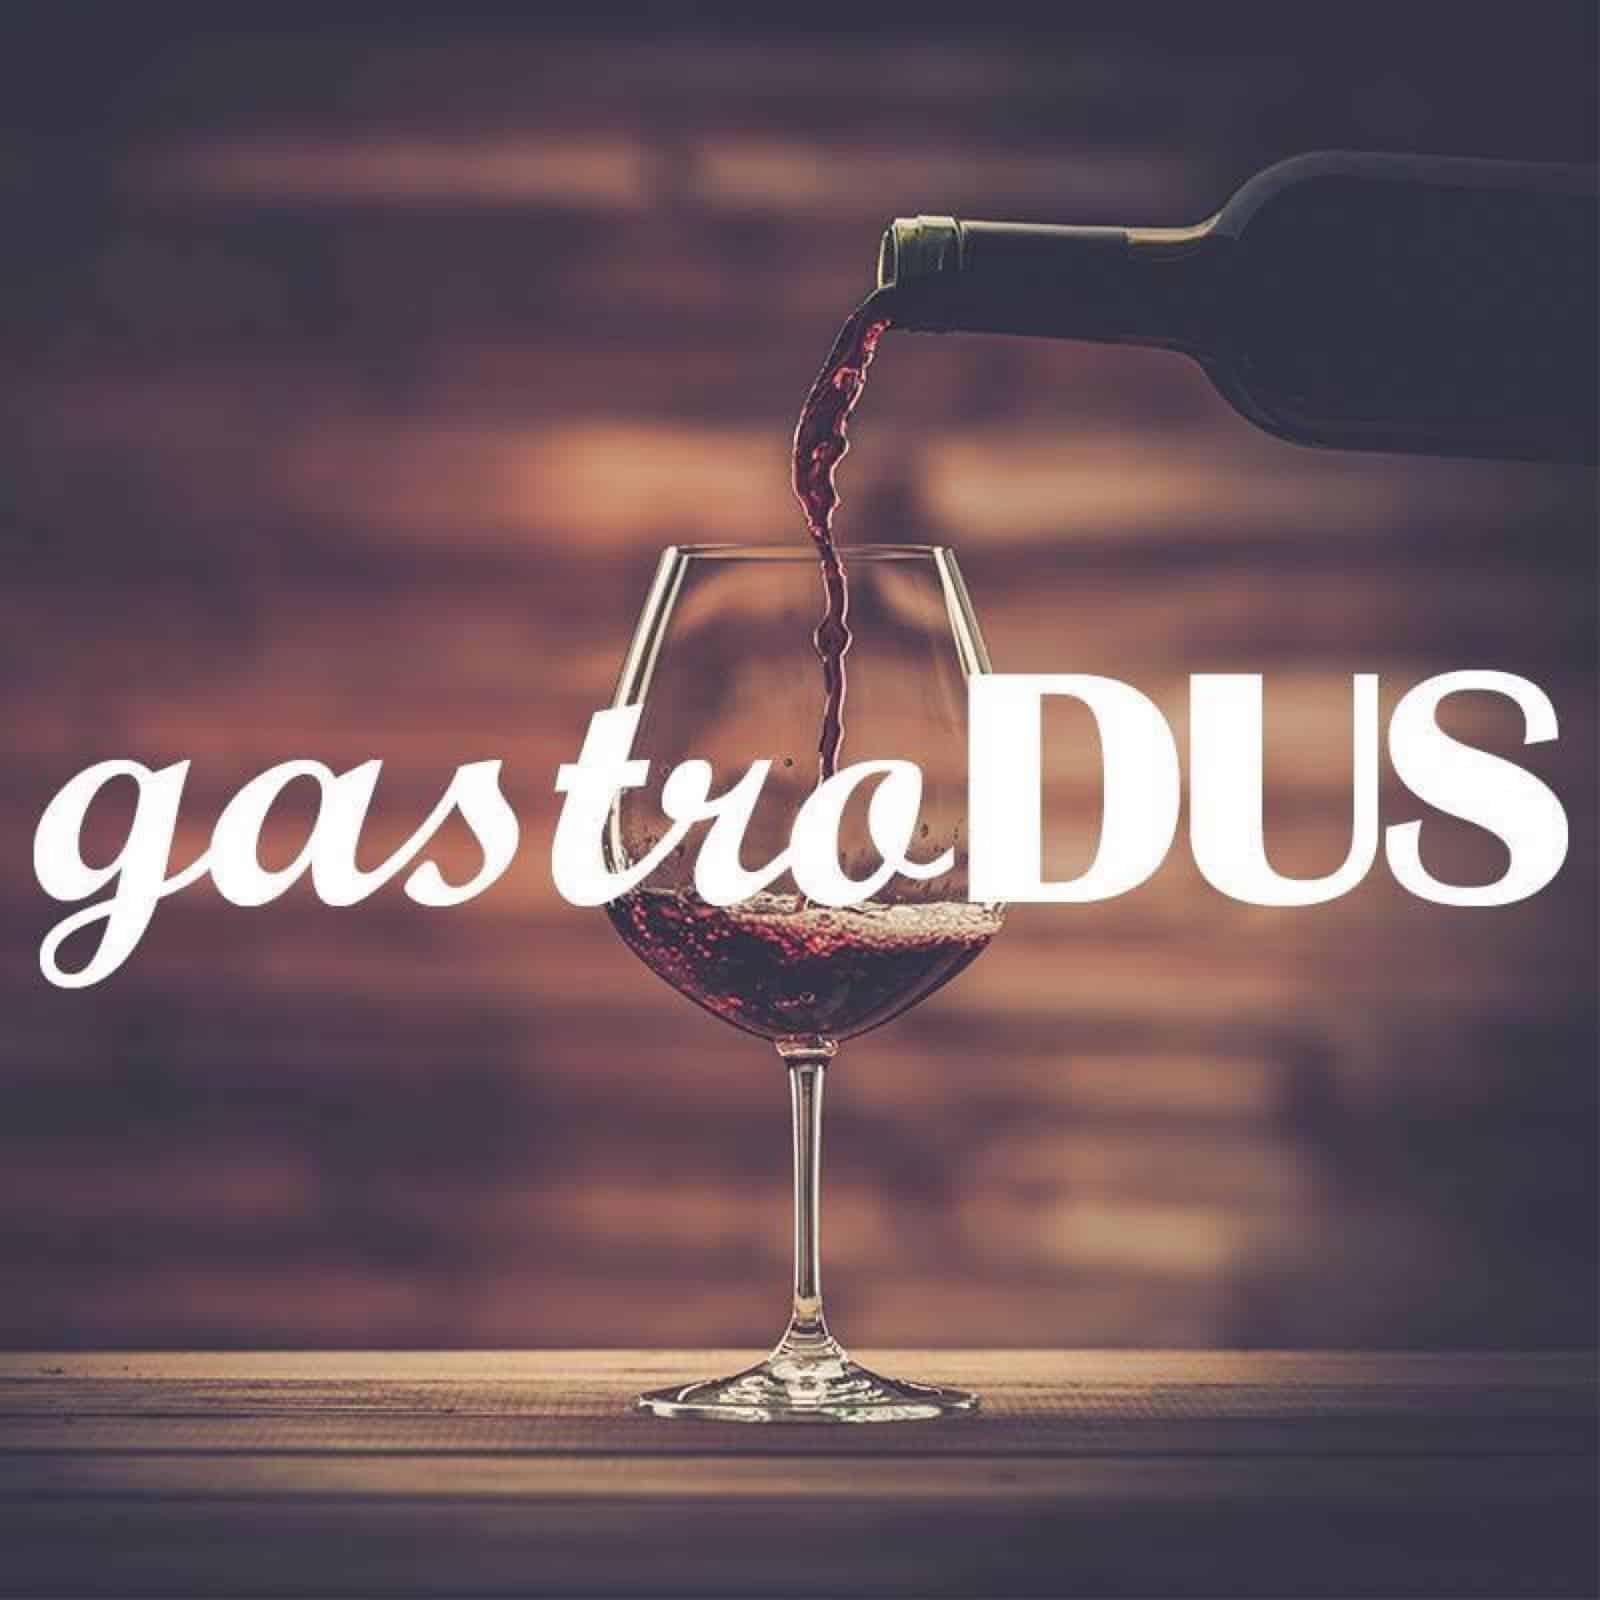 Gastronomie mieten pachten Düsseldorf Übernahme kaufen